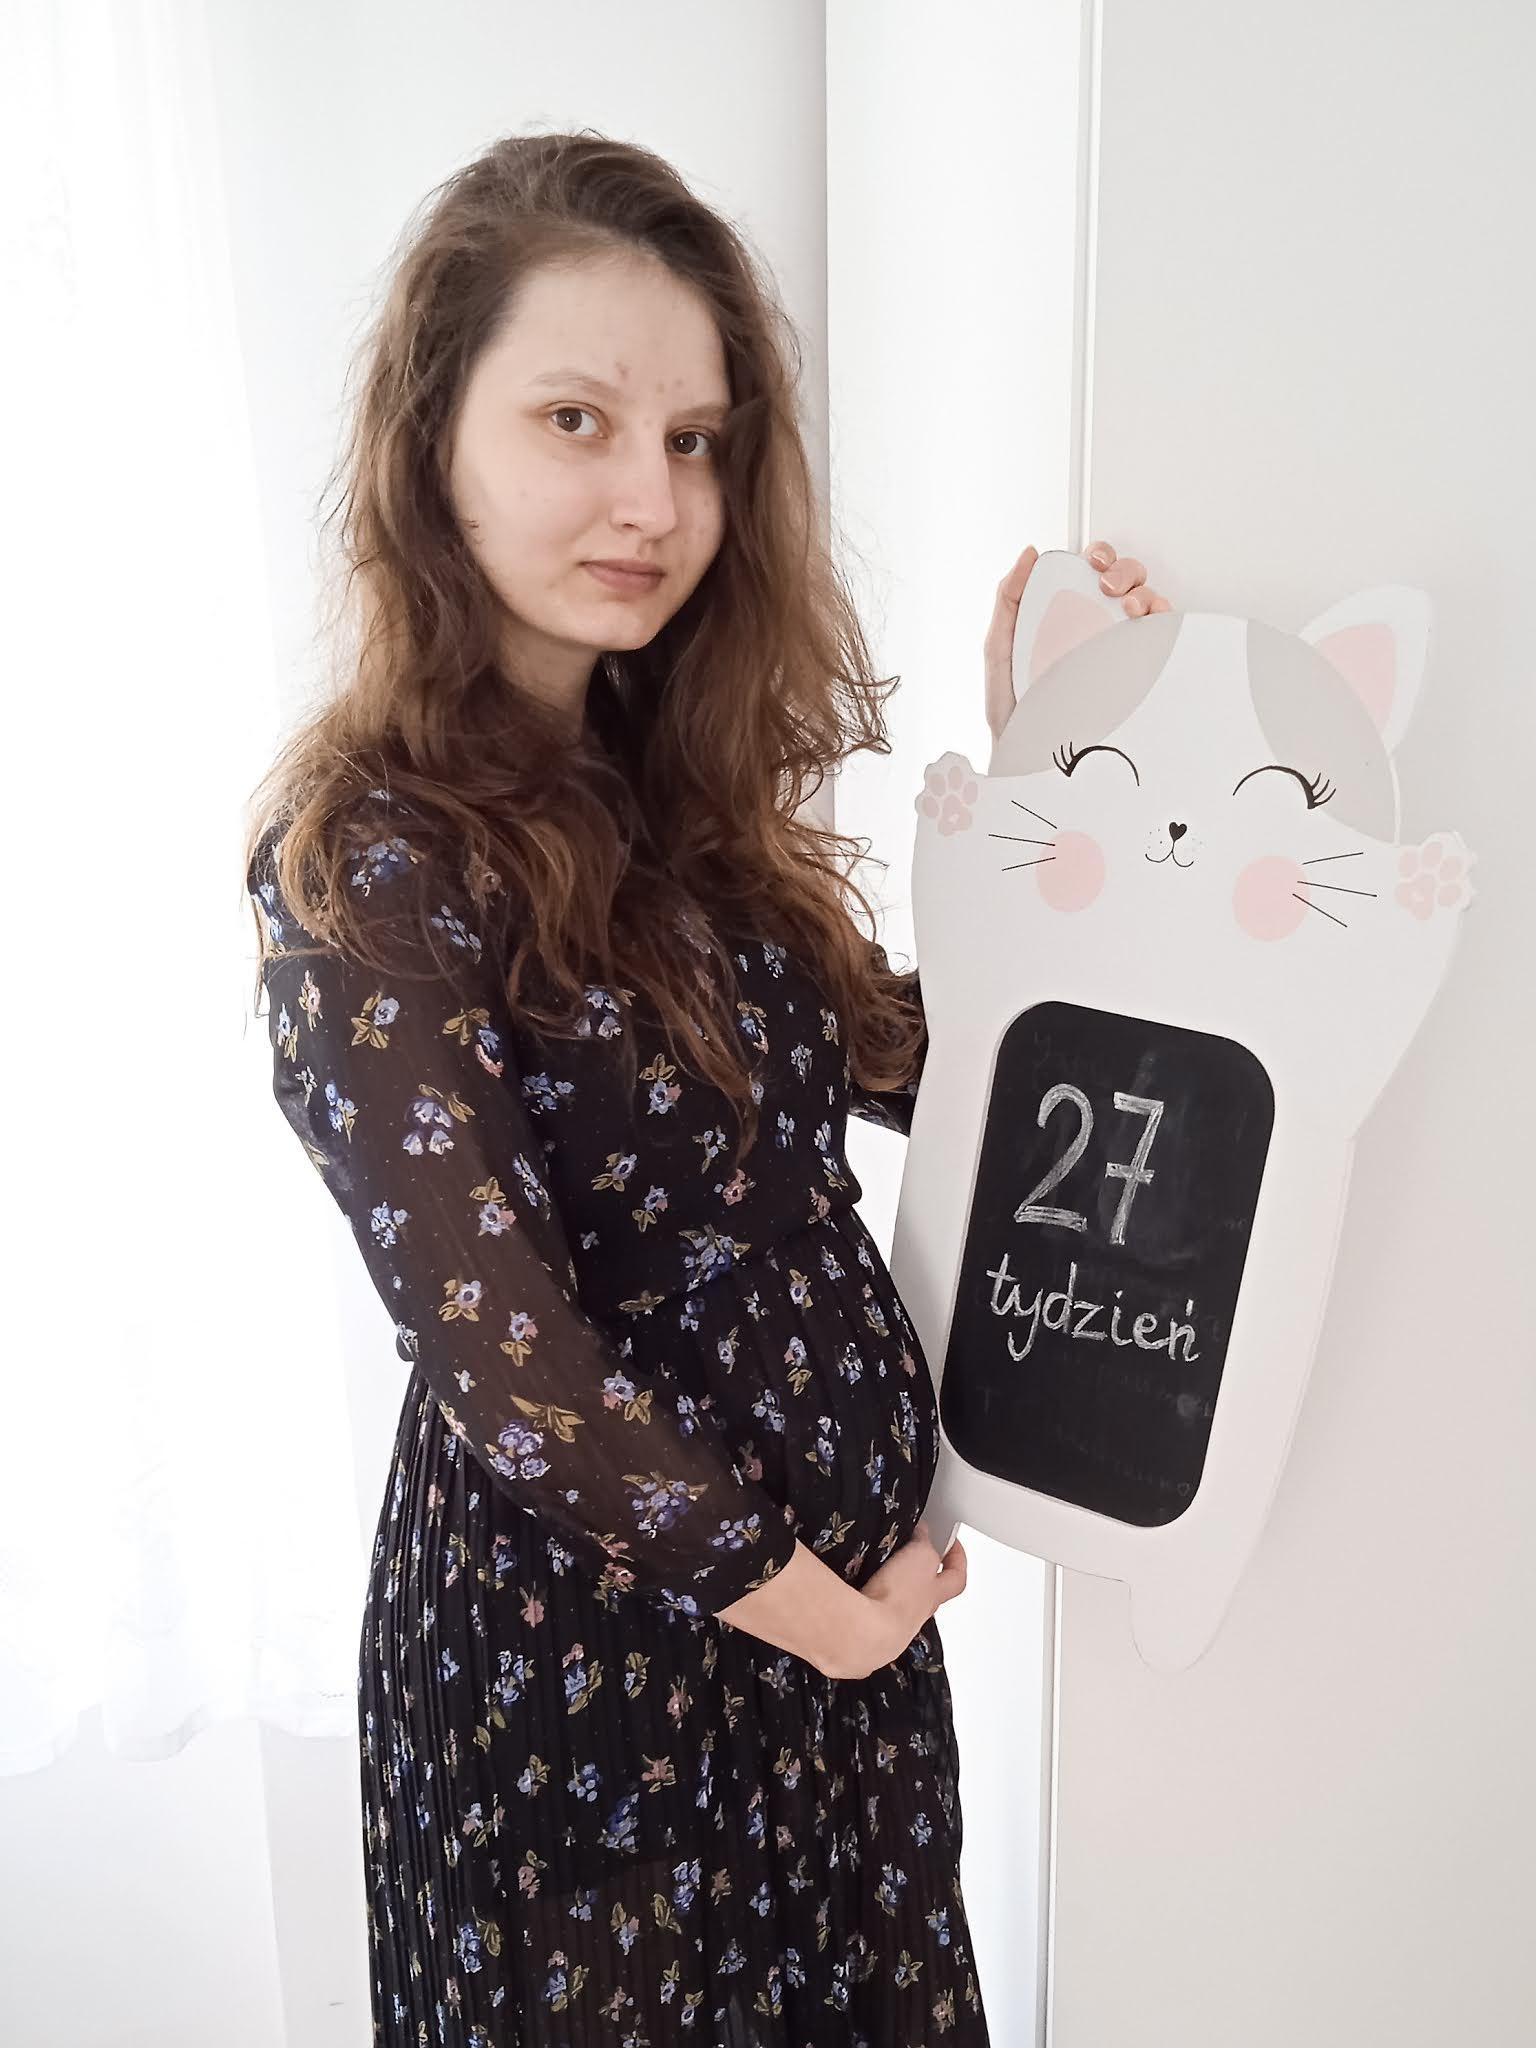 ciąża tydzień po tygodniu ciąża 27 tydzień